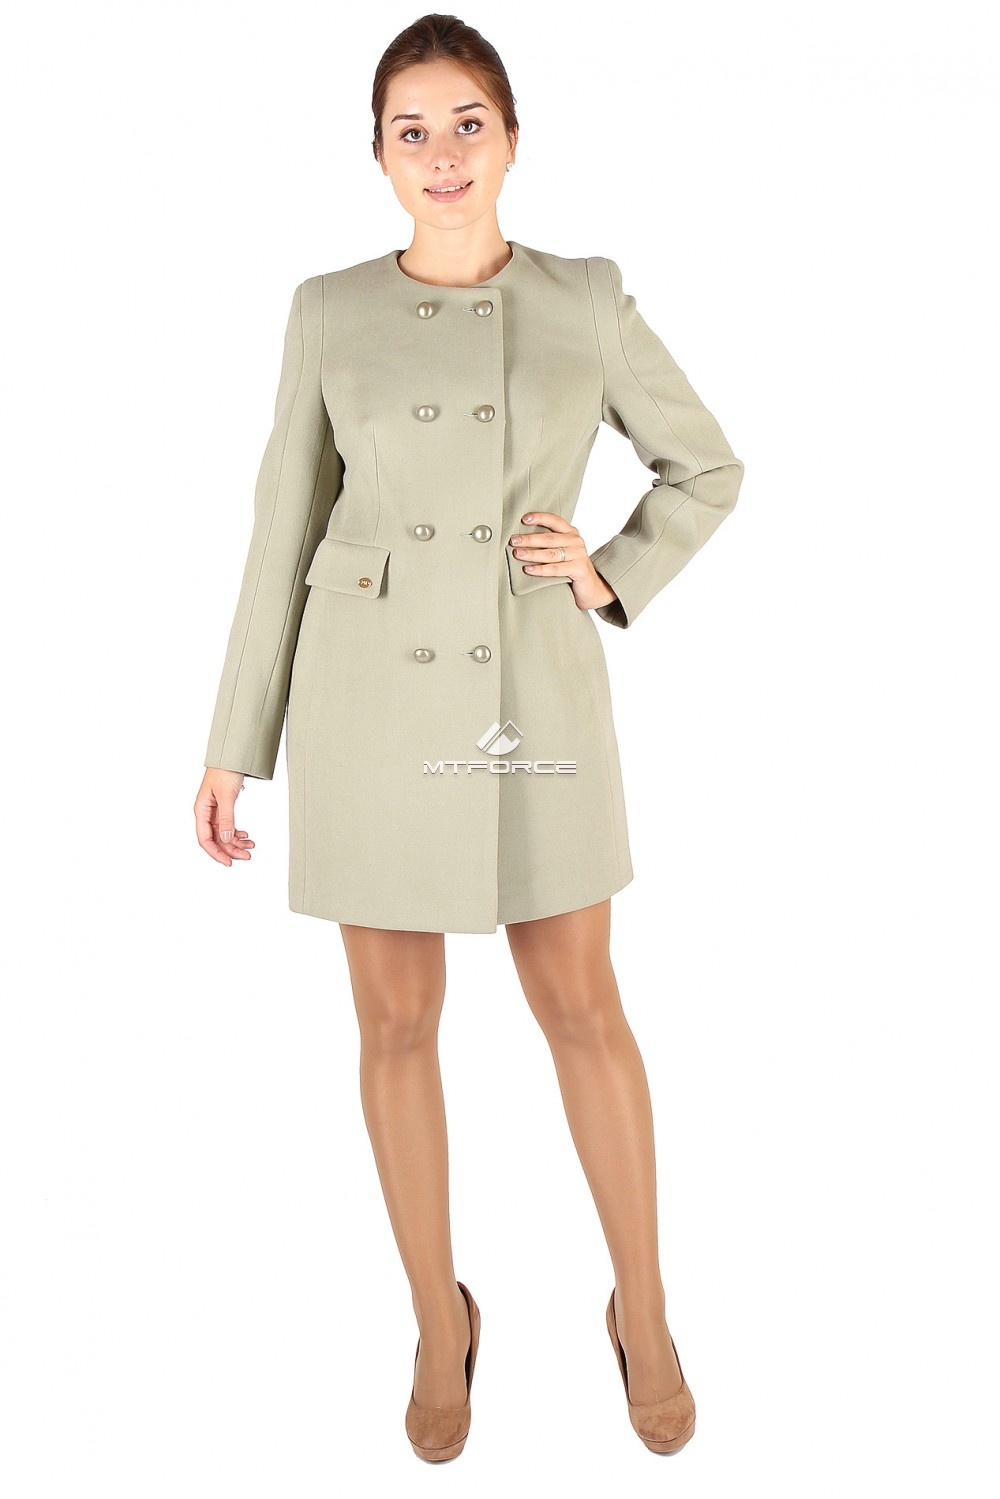 Купить оптом Пальто женское фисташкового цвета 277-Fs